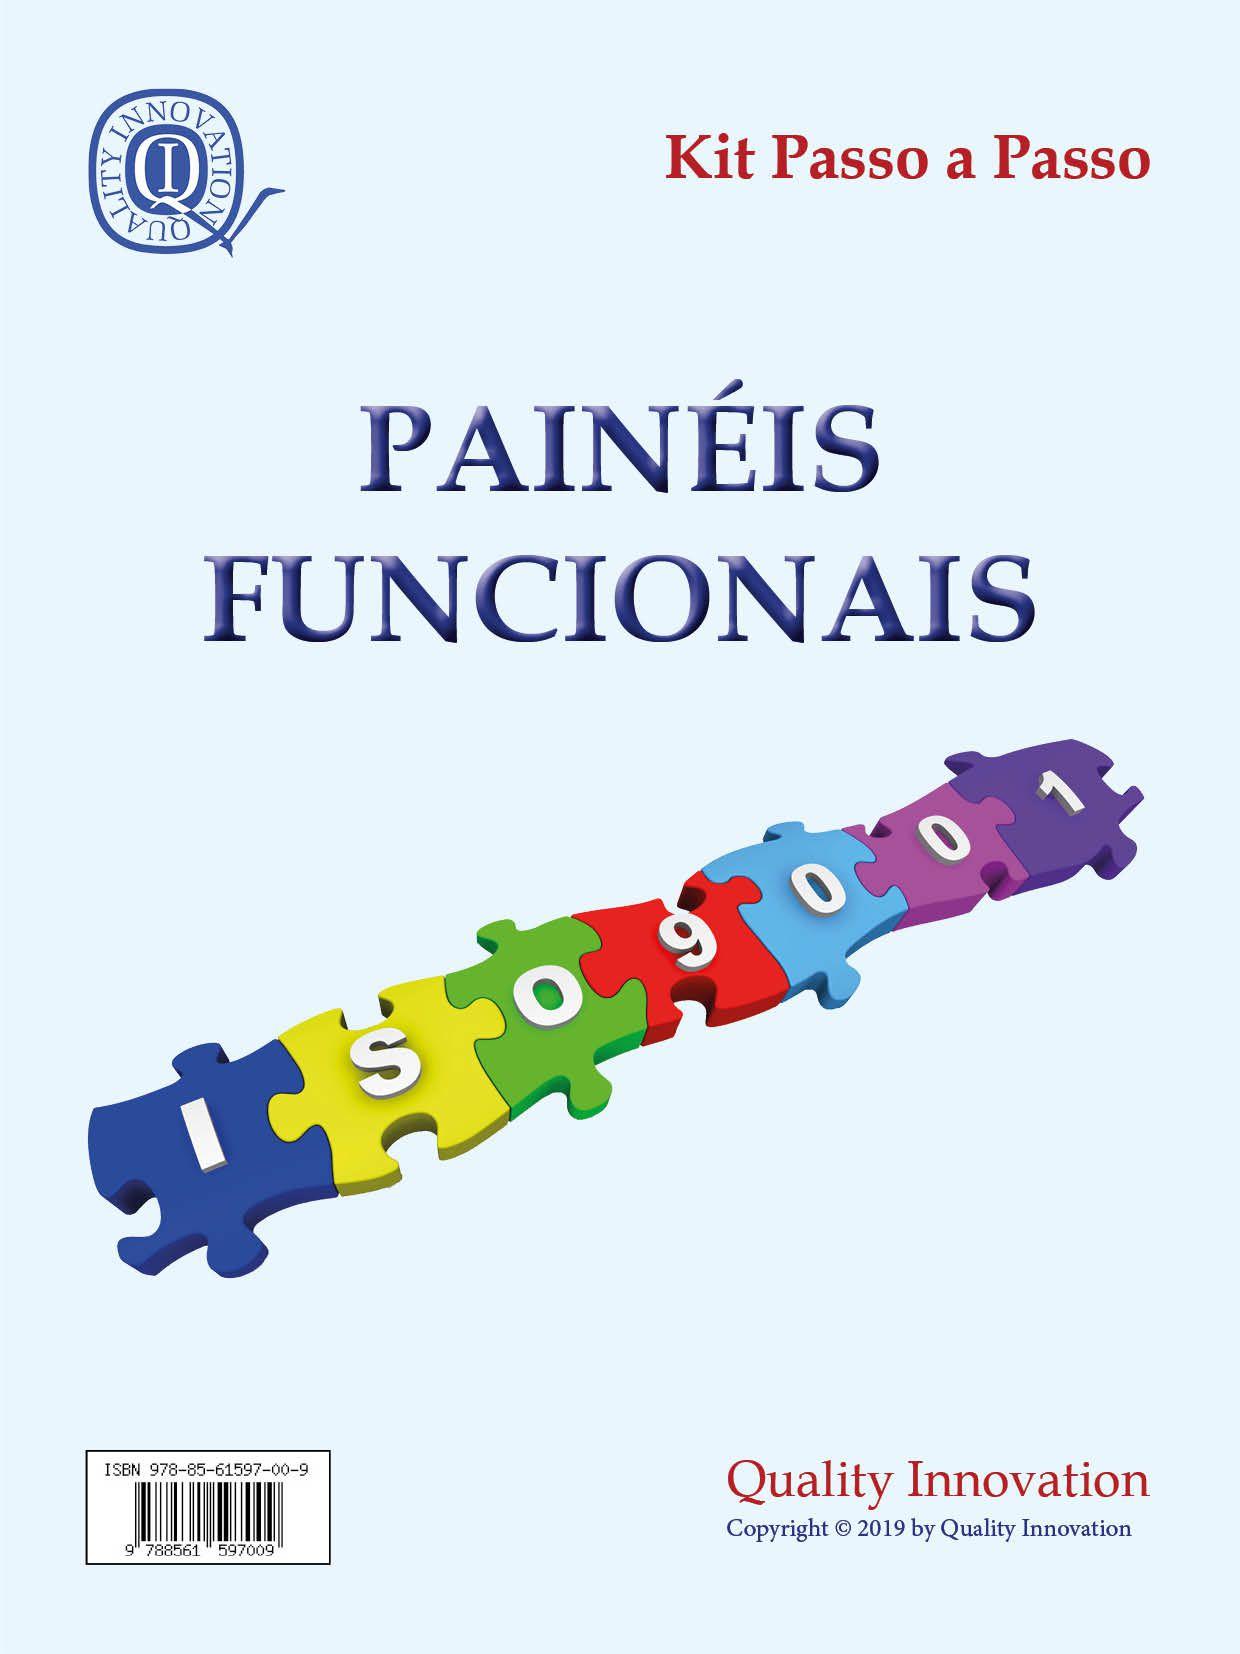 Painéis Funcionais da ISO 9001  - www.qualistore.net.br